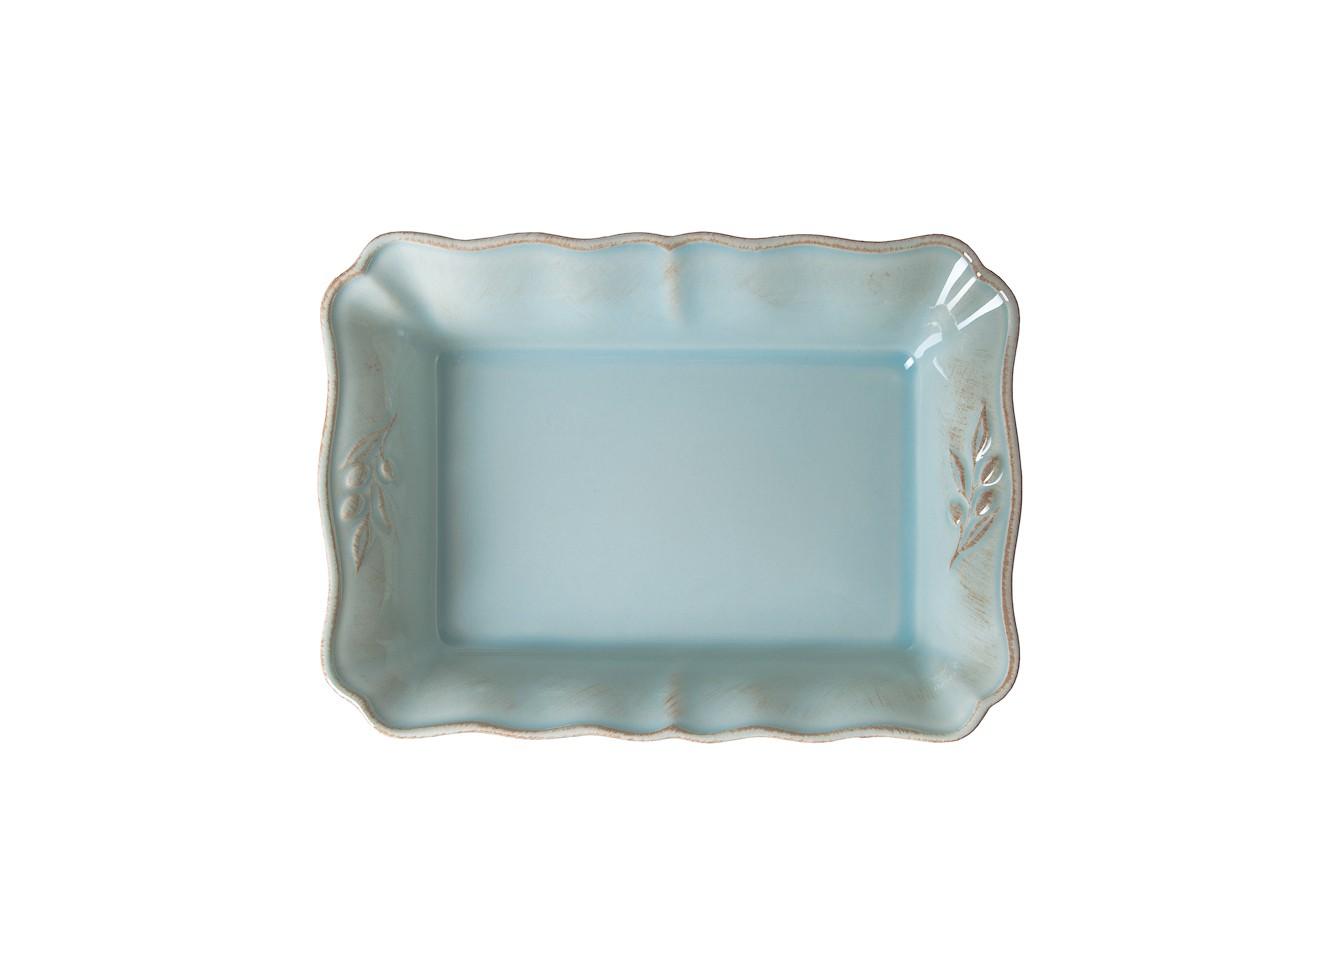 Блюдо для запеканияДекоративные блюда<br>Costa Nova (Португалия) – керамическая посуда из самого сердца Португалии. Она абсолютно устойчива к мытью, даже в посудомоечной машине, ее вполне можно использовать для замораживания продуктов и в микроволновой печи, при этом можно не бояться повредить эту великолепную глазурь и свежие краски. Такую посуду легко мыть, при ее очистке можно использовать металлические губки – и все это благодаря прочному глазурованному покрытию. Все серии посуды от Costa Nova отвечают международным стандартам качества. Керамическая посуда от Costa Nova не содержит такие вещества, как свинец и кадмий.<br><br>Material: Керамика<br>Width см: 30